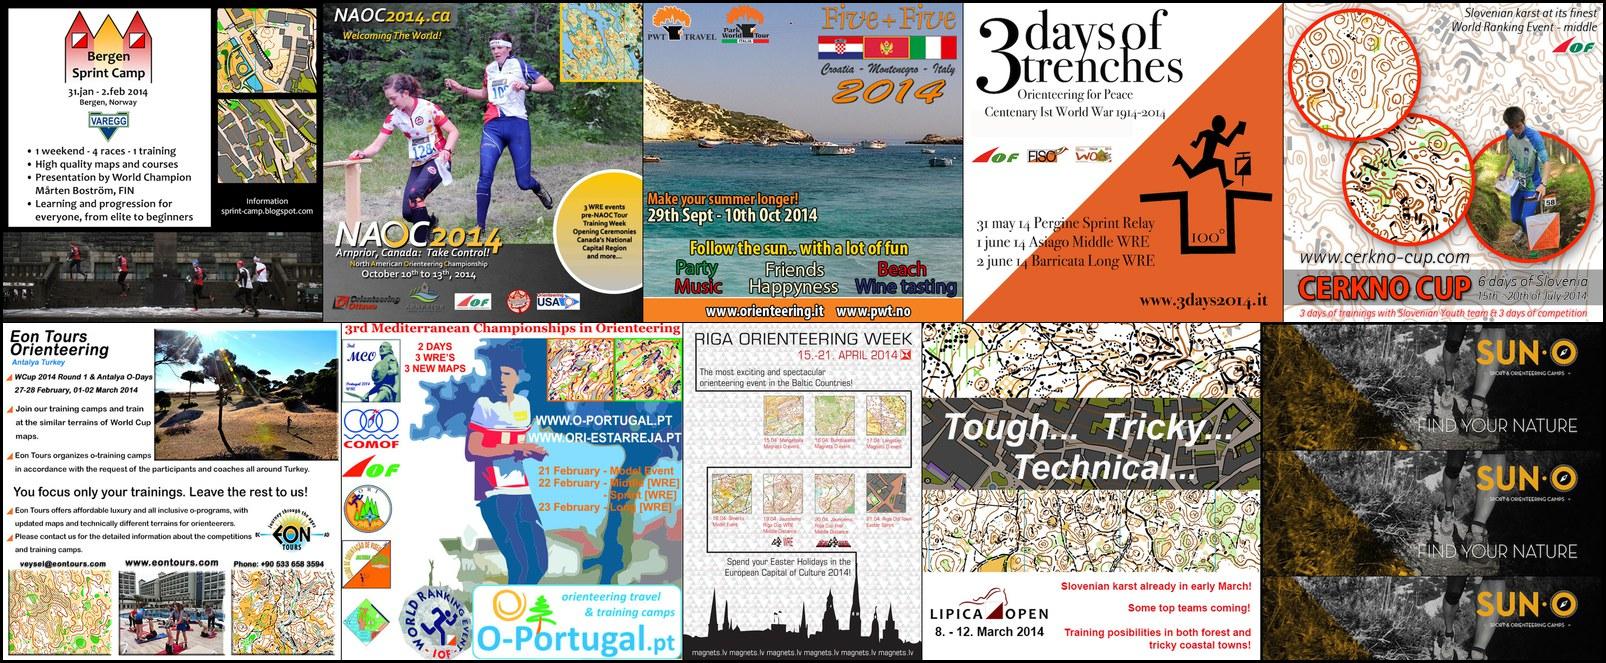 sponsors_5x2